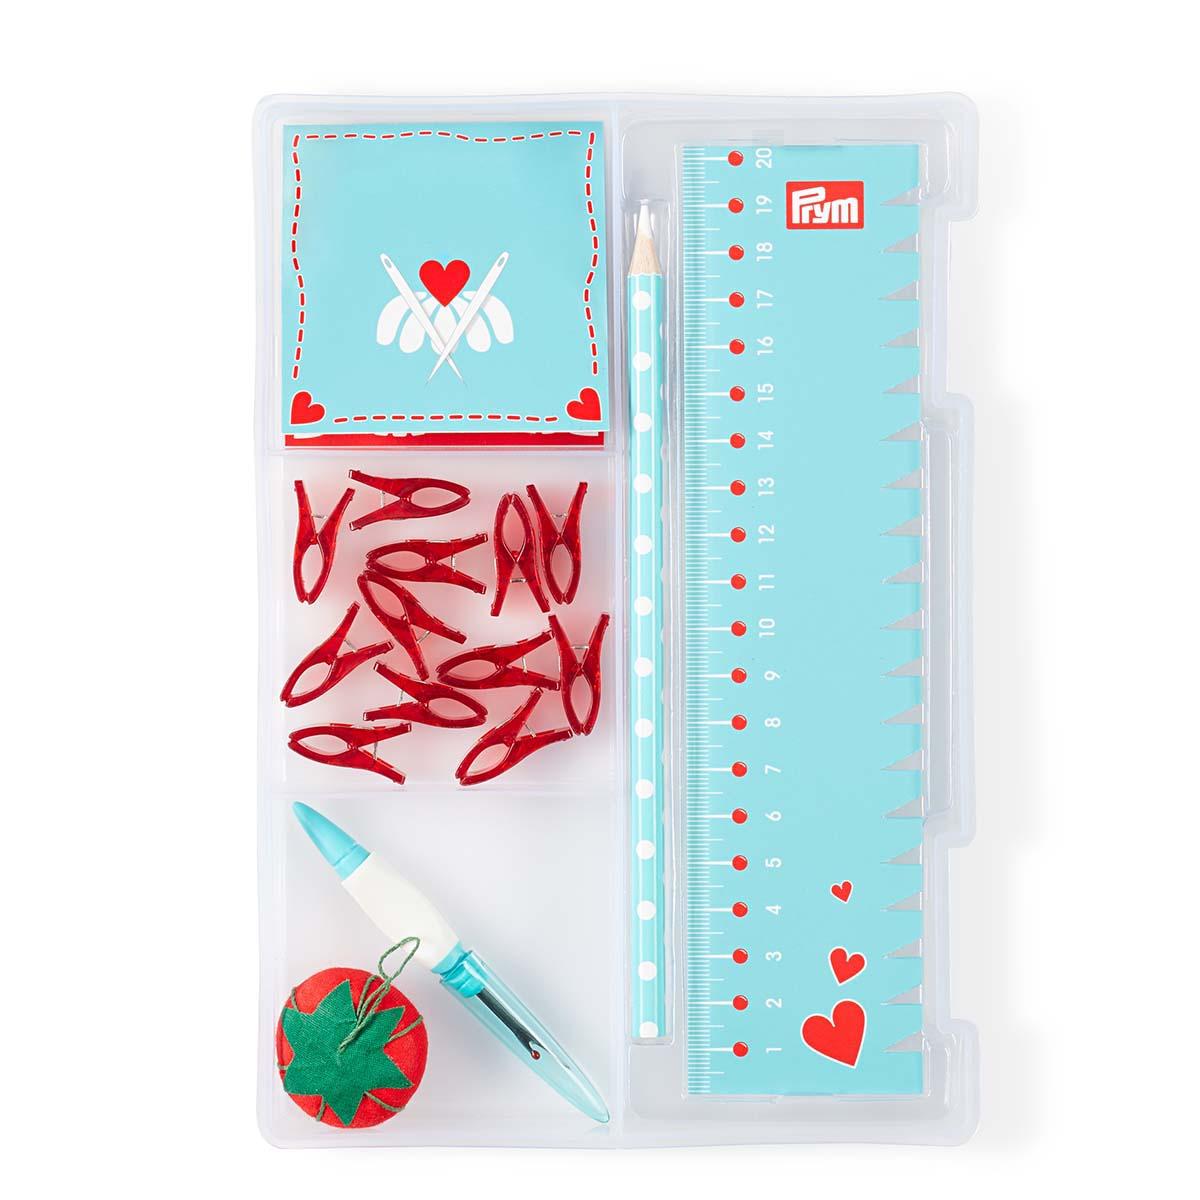 651222 Базовый набор Prym Love 'Шитье' Prym